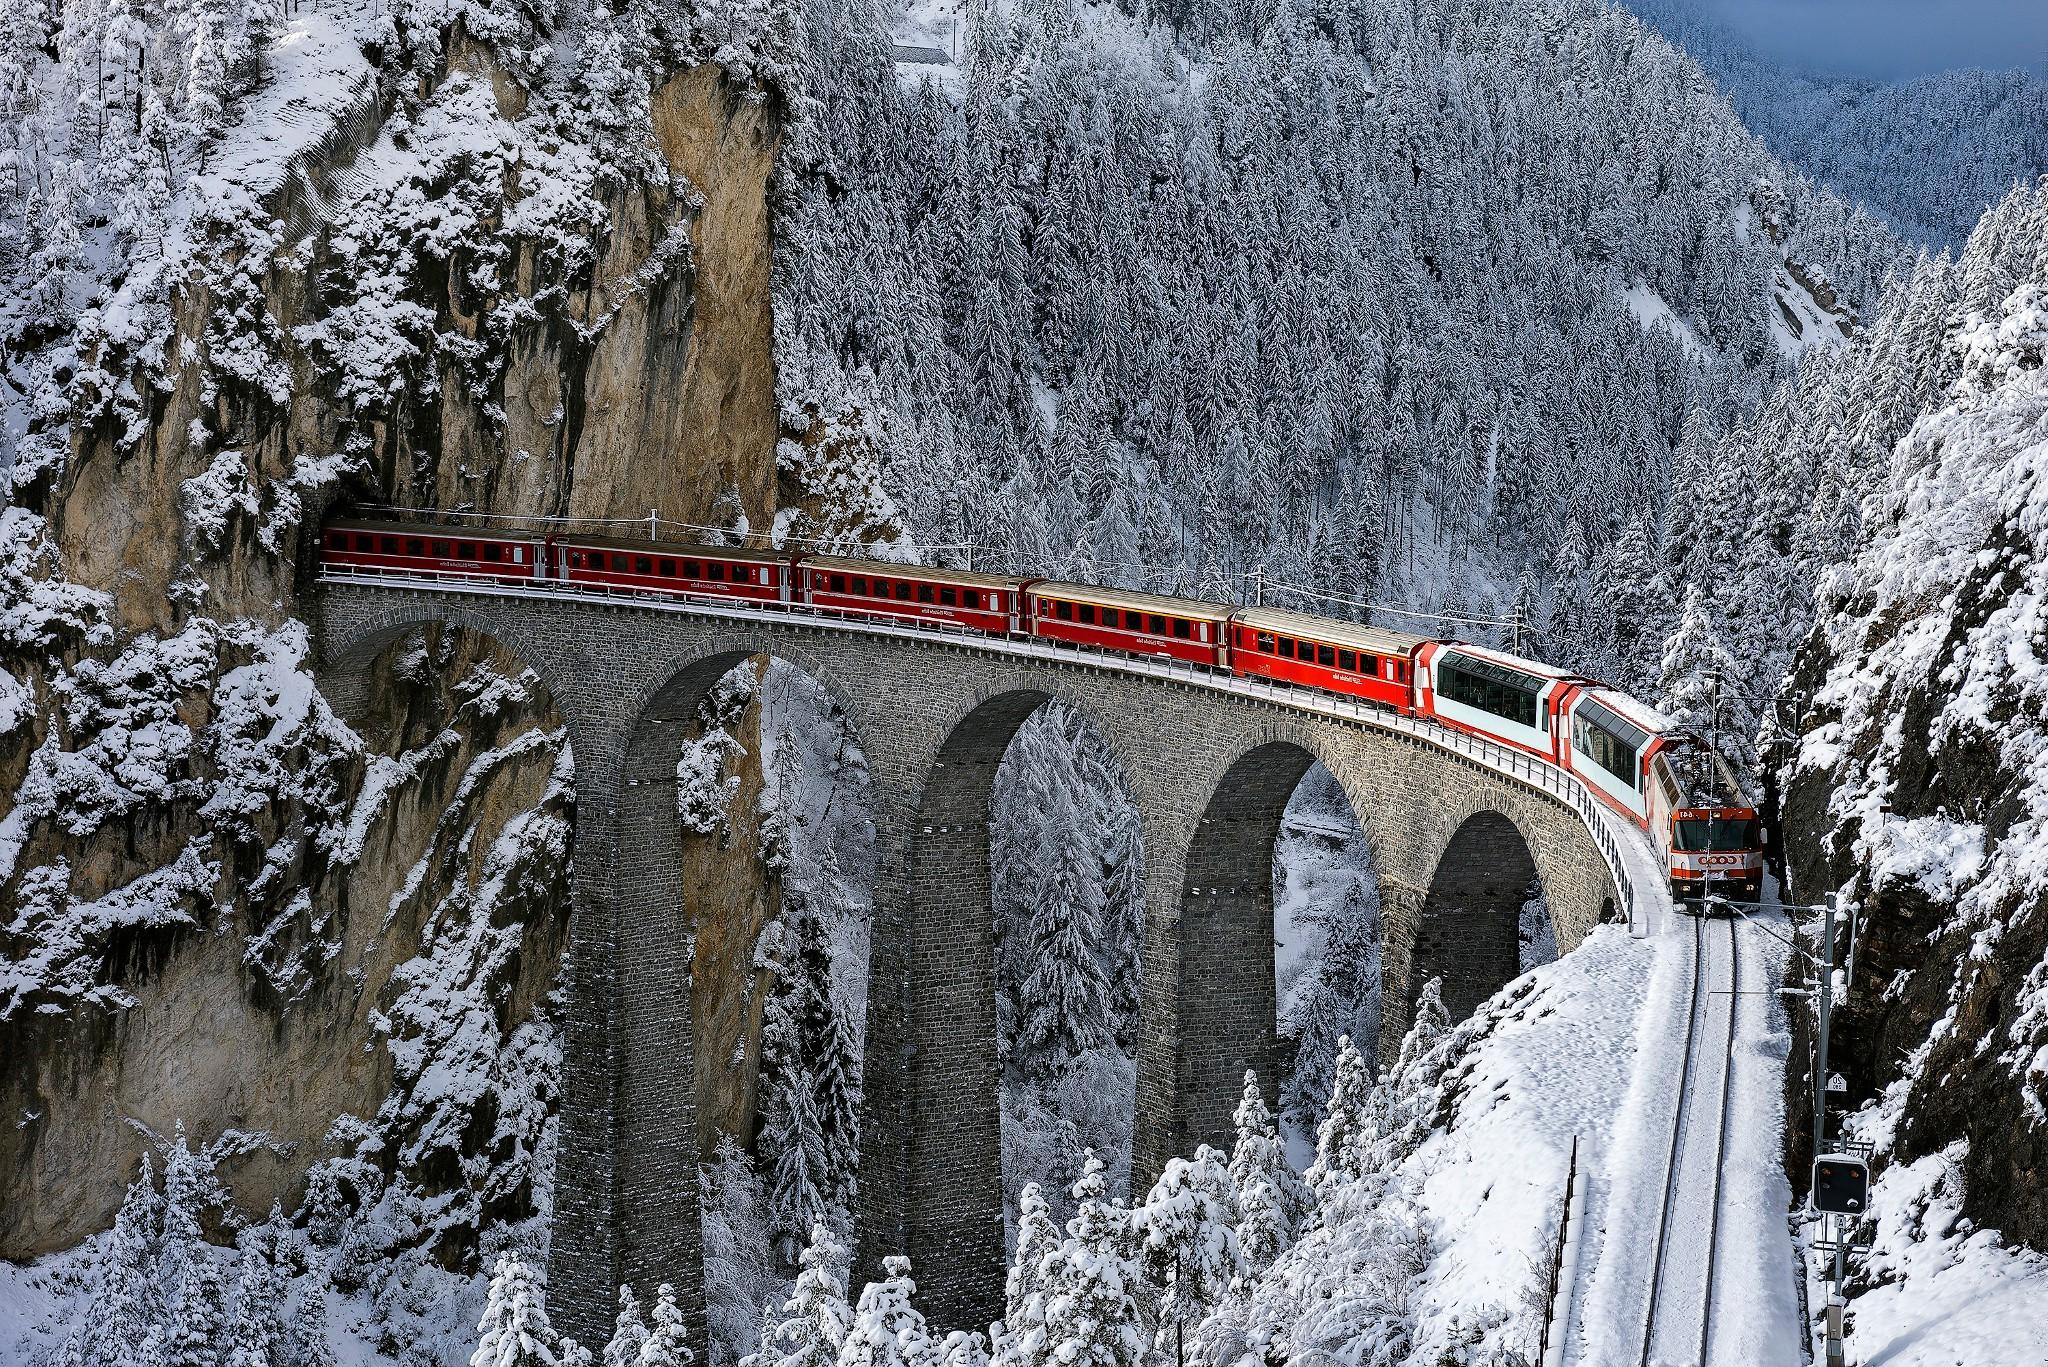 Sfondi alberi foresta la neve inverno treno for Sfondi desktop inverno montagna